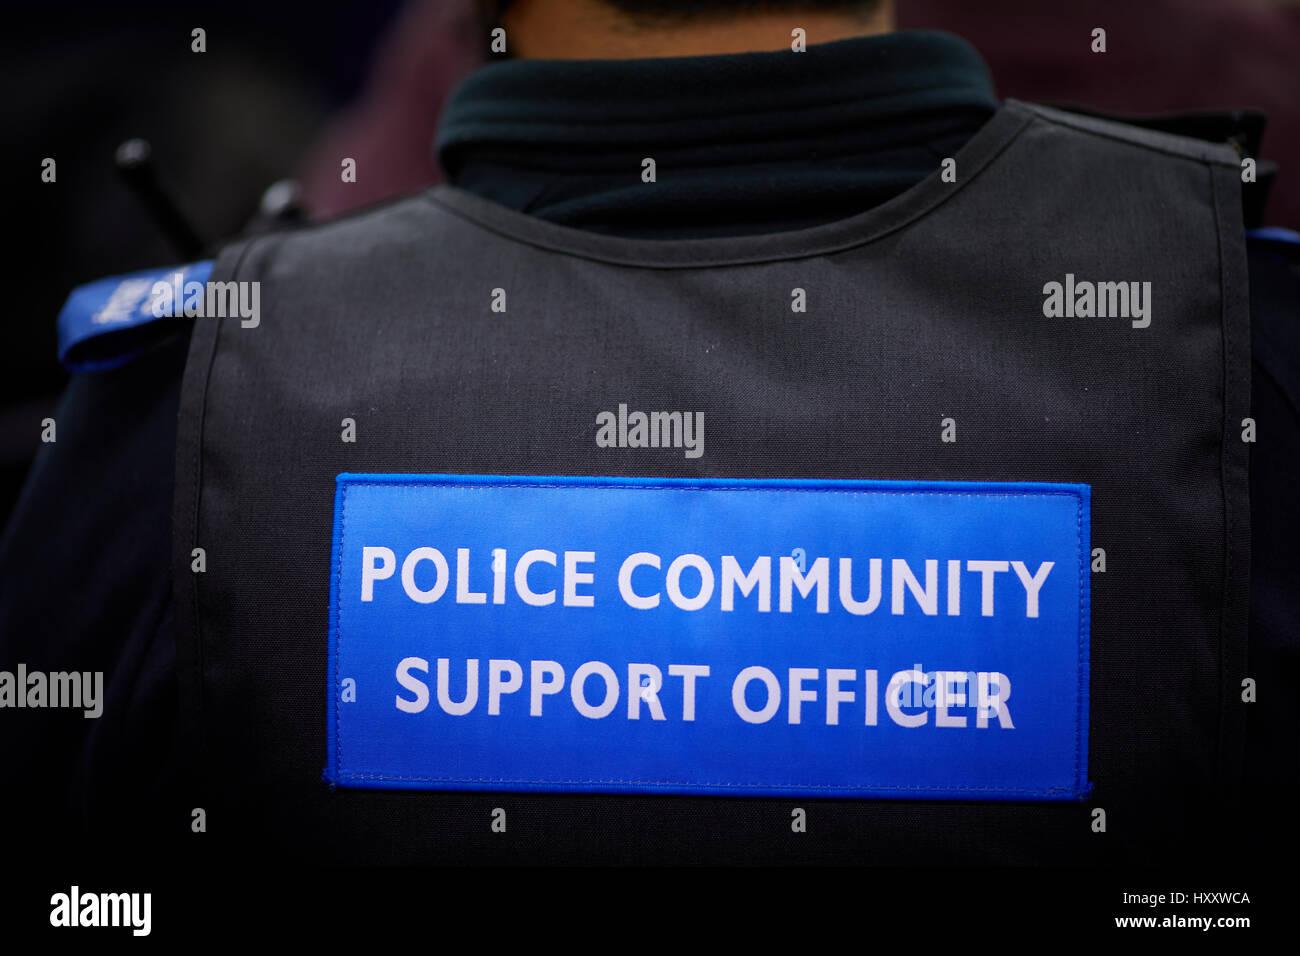 La polizia del sostegno comunitario Officer, badge PCSO sul retro di un giubbotto. Immagini Stock